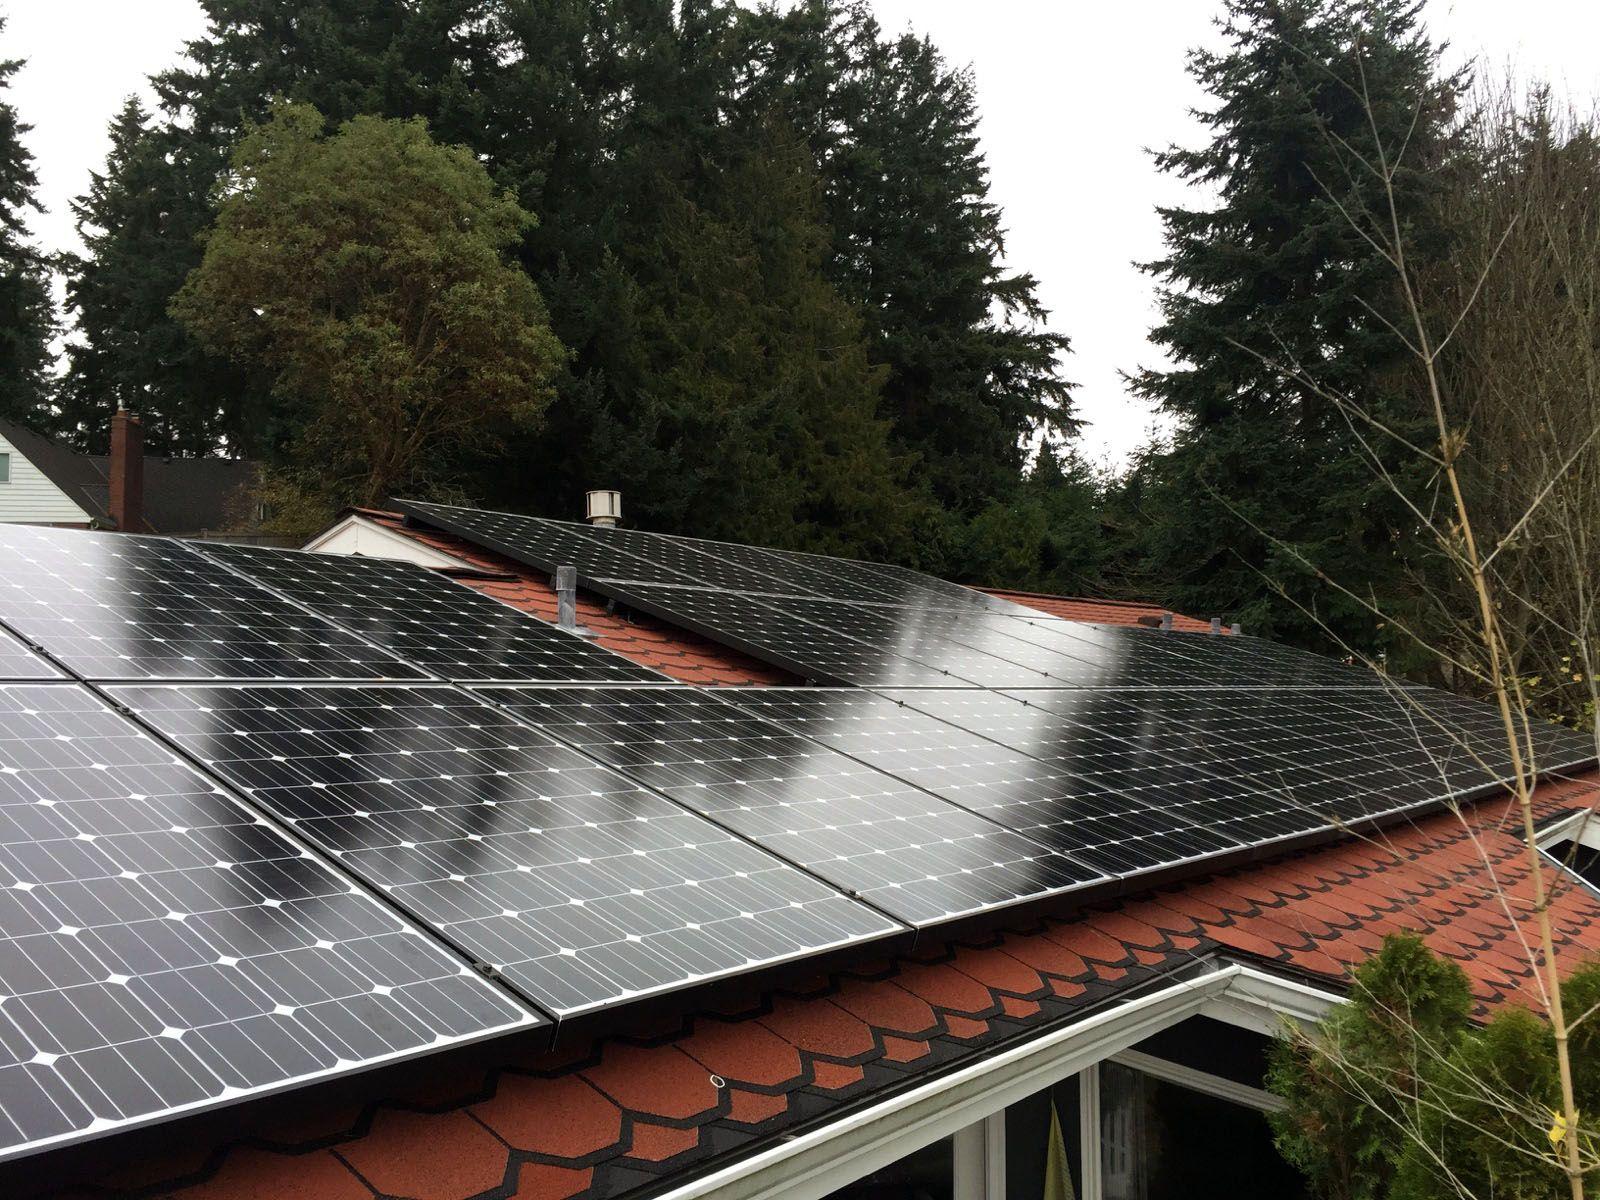 City Of Shoreline Solar Shoreline Northwest Washington